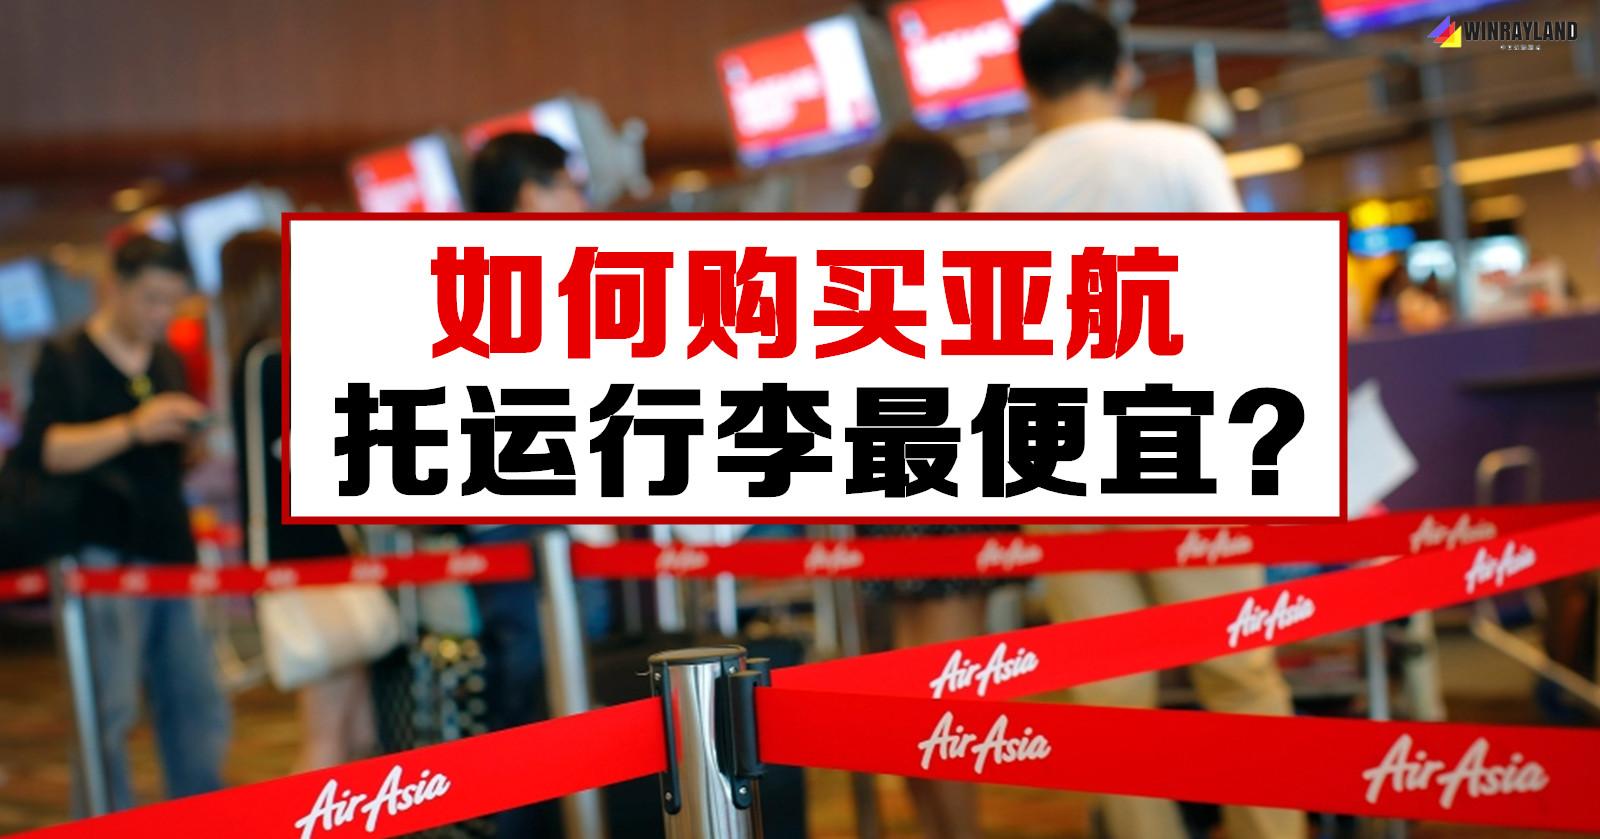 【更新】如何购买亚航托运行李最便宜?